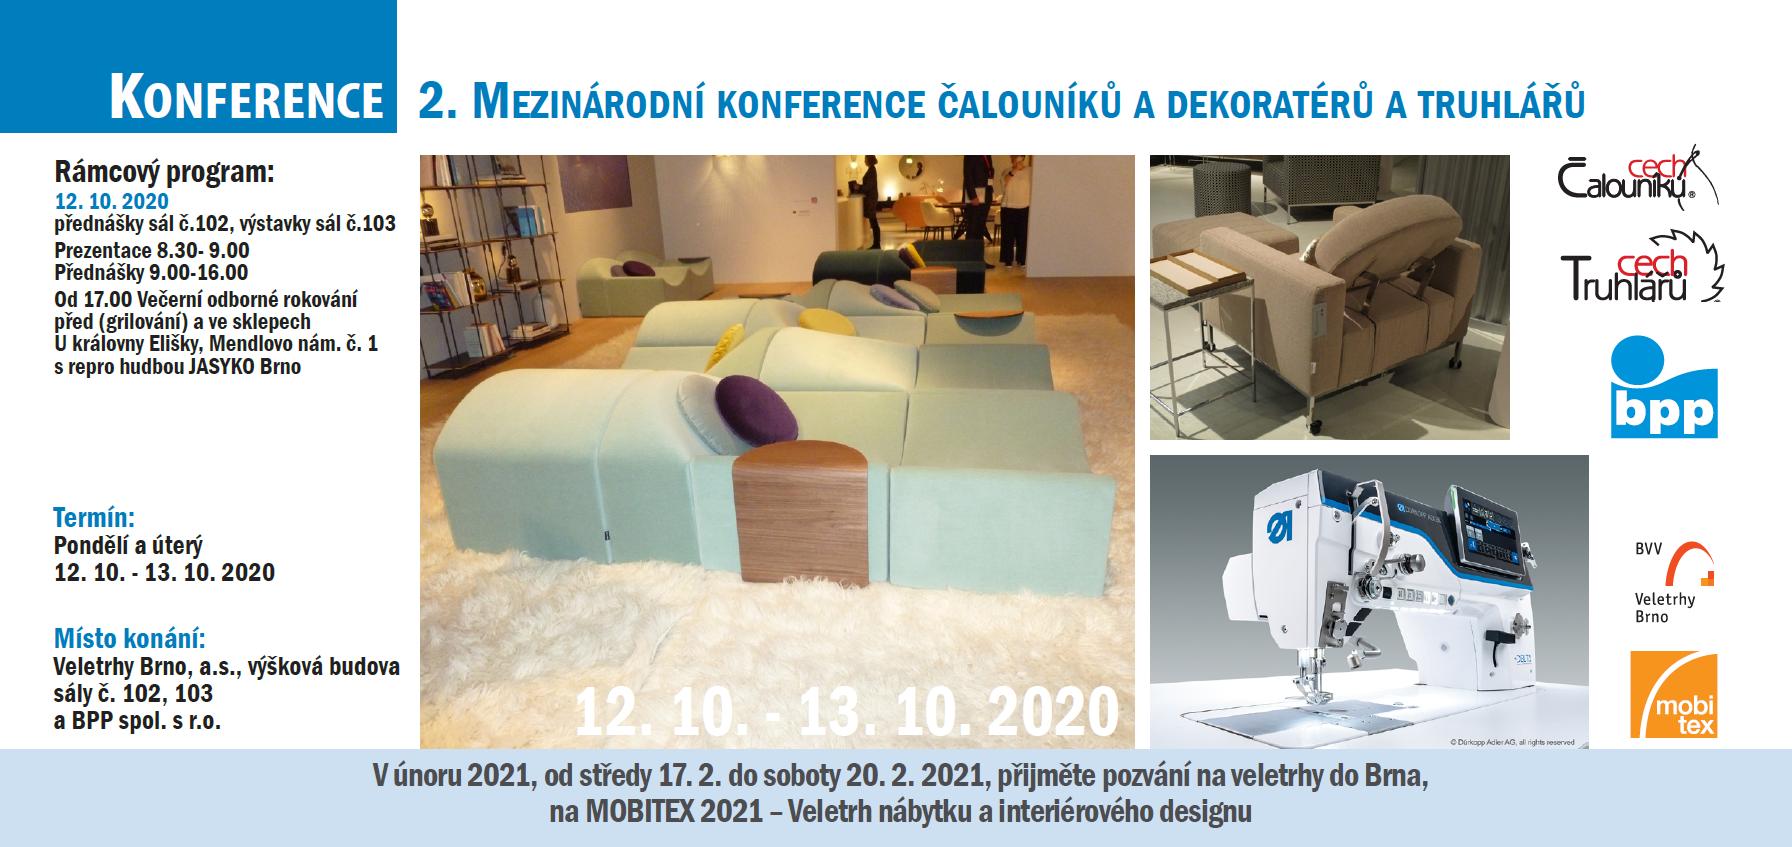 2. Mezinárodní konference cechu čalouníků a dekoratérů a truhlářů